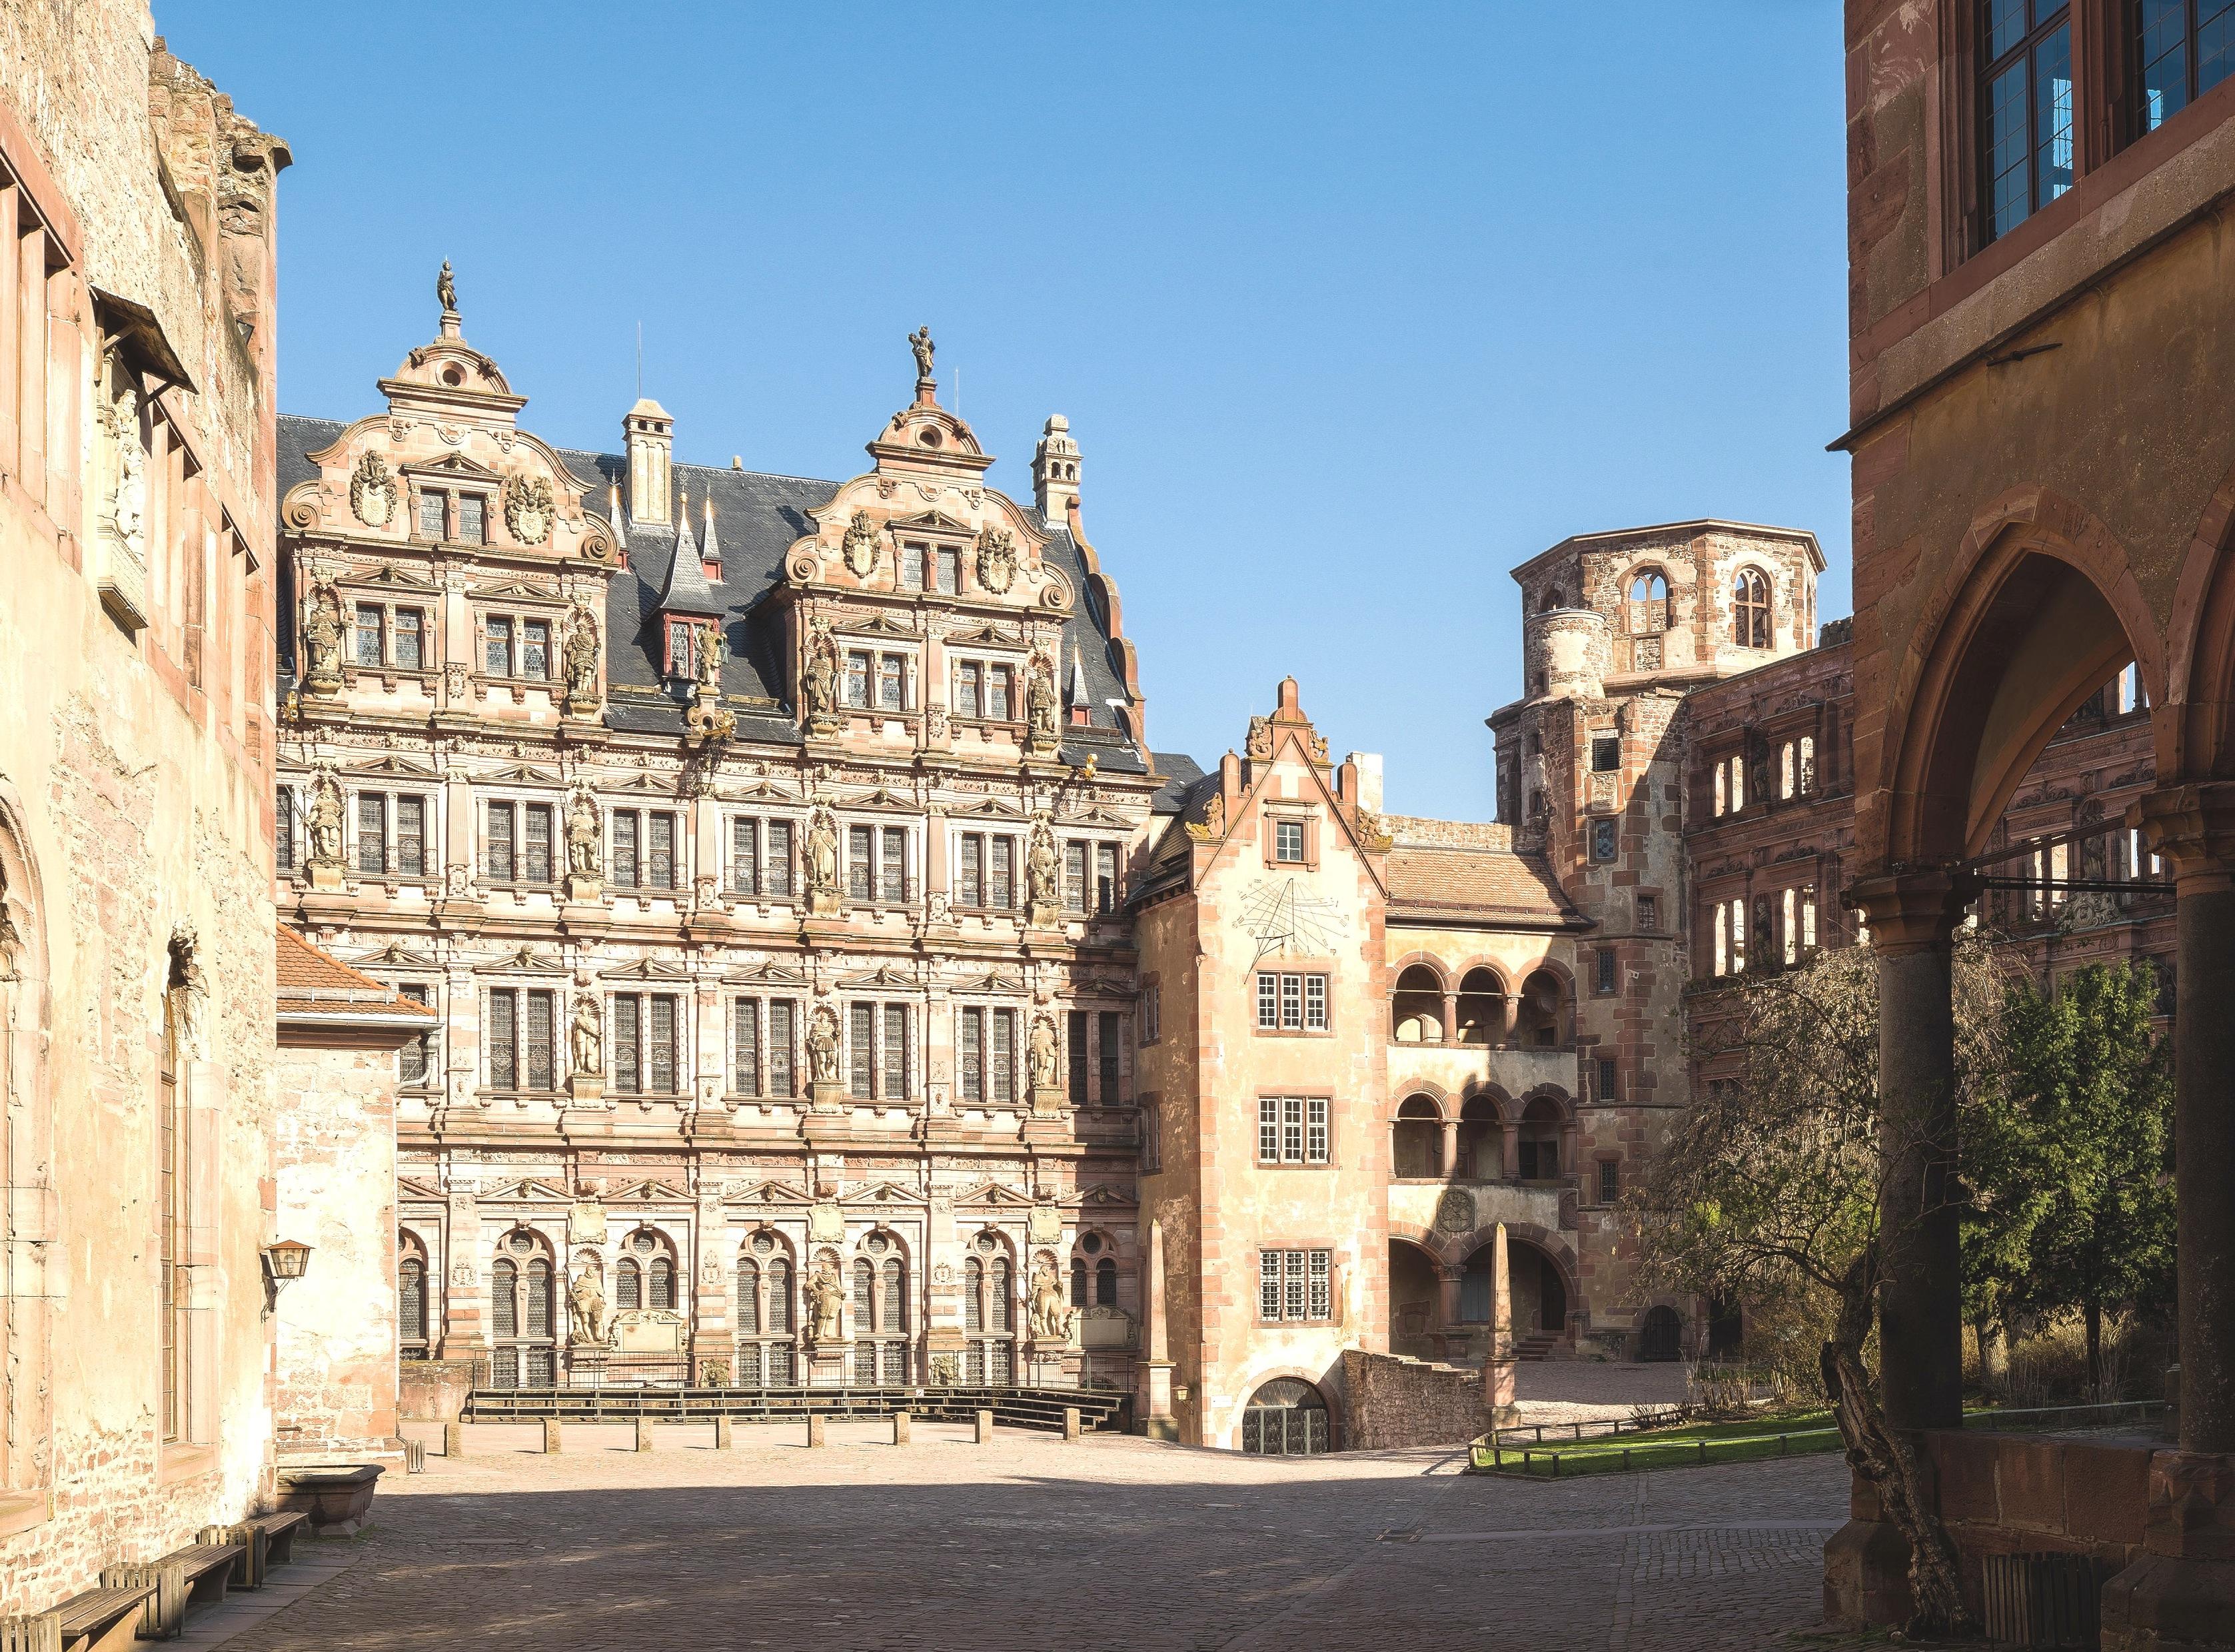 Heutiger Blick in den Schlosshof.